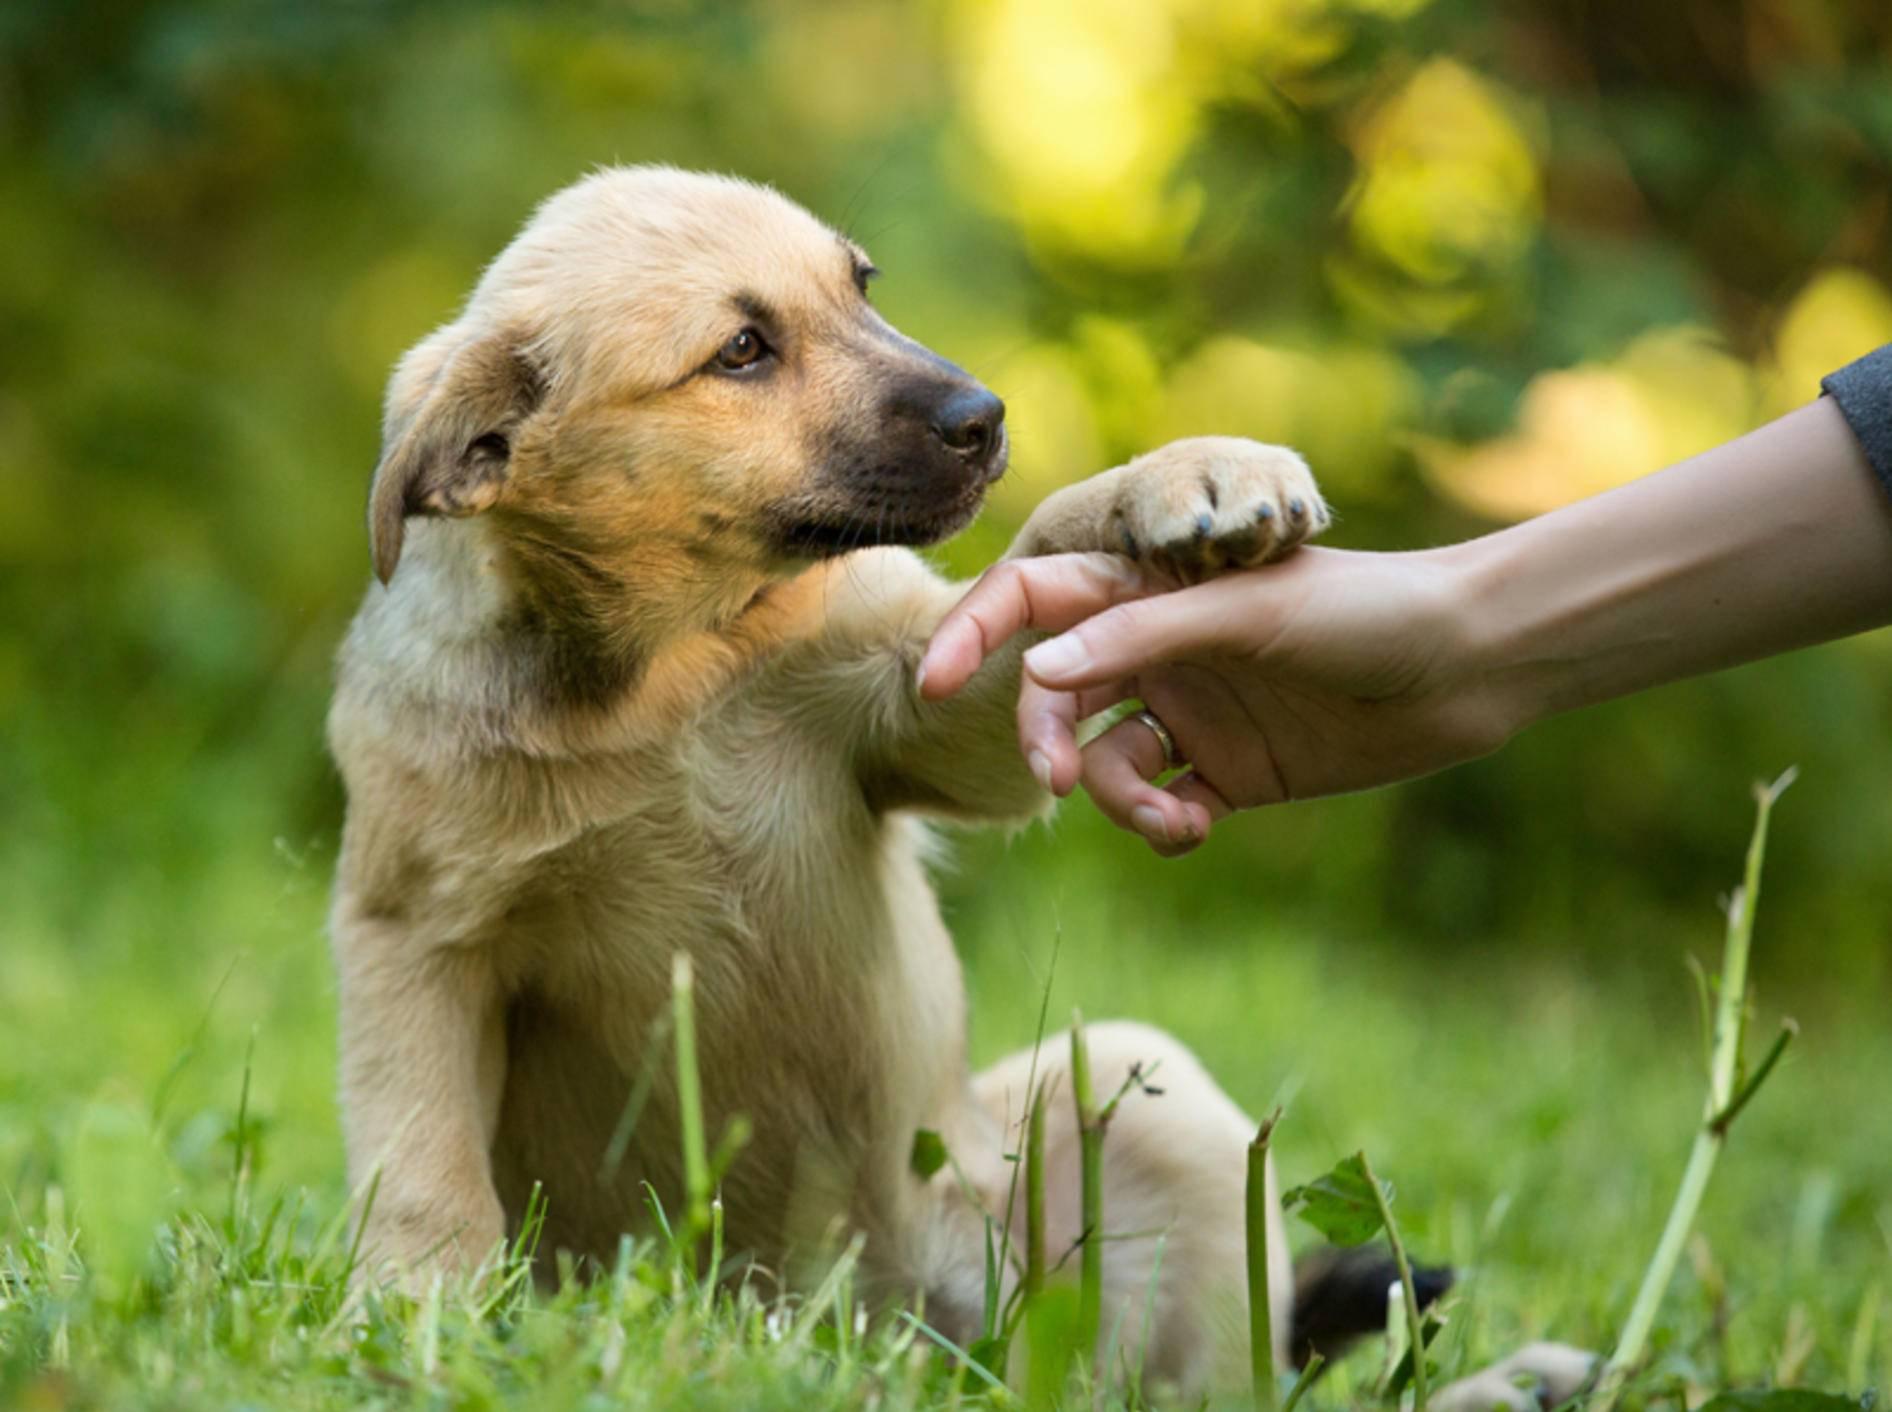 Um Erziehung des Hun ... Von der gewaltfreien Was tu ich nur mit diesem Hund?